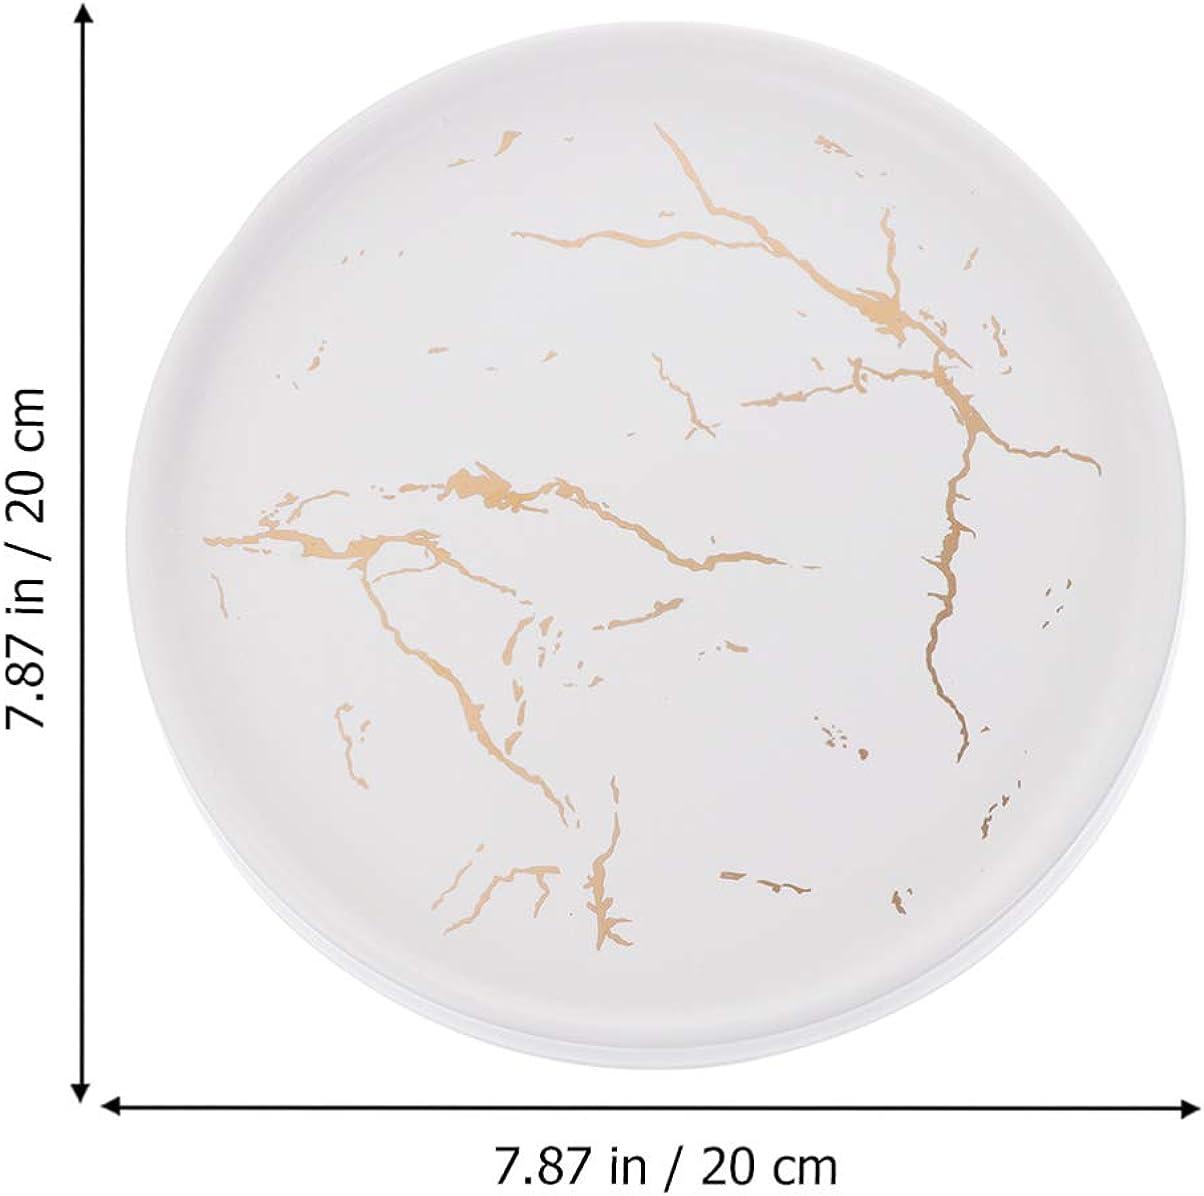 motivo: piastrina di marmo Cabilock porta soprammobile in porcellana Portagioie in ceramica stile nordico anello portabraccialetto 20 cm a righe